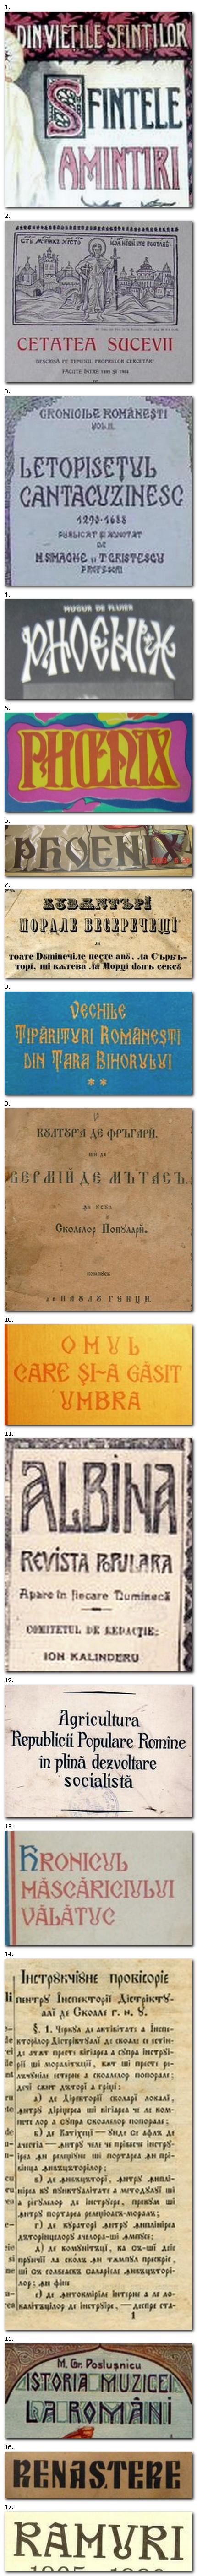 """Exemple de """"Arhaic"""" Românesc găsite pe net."""